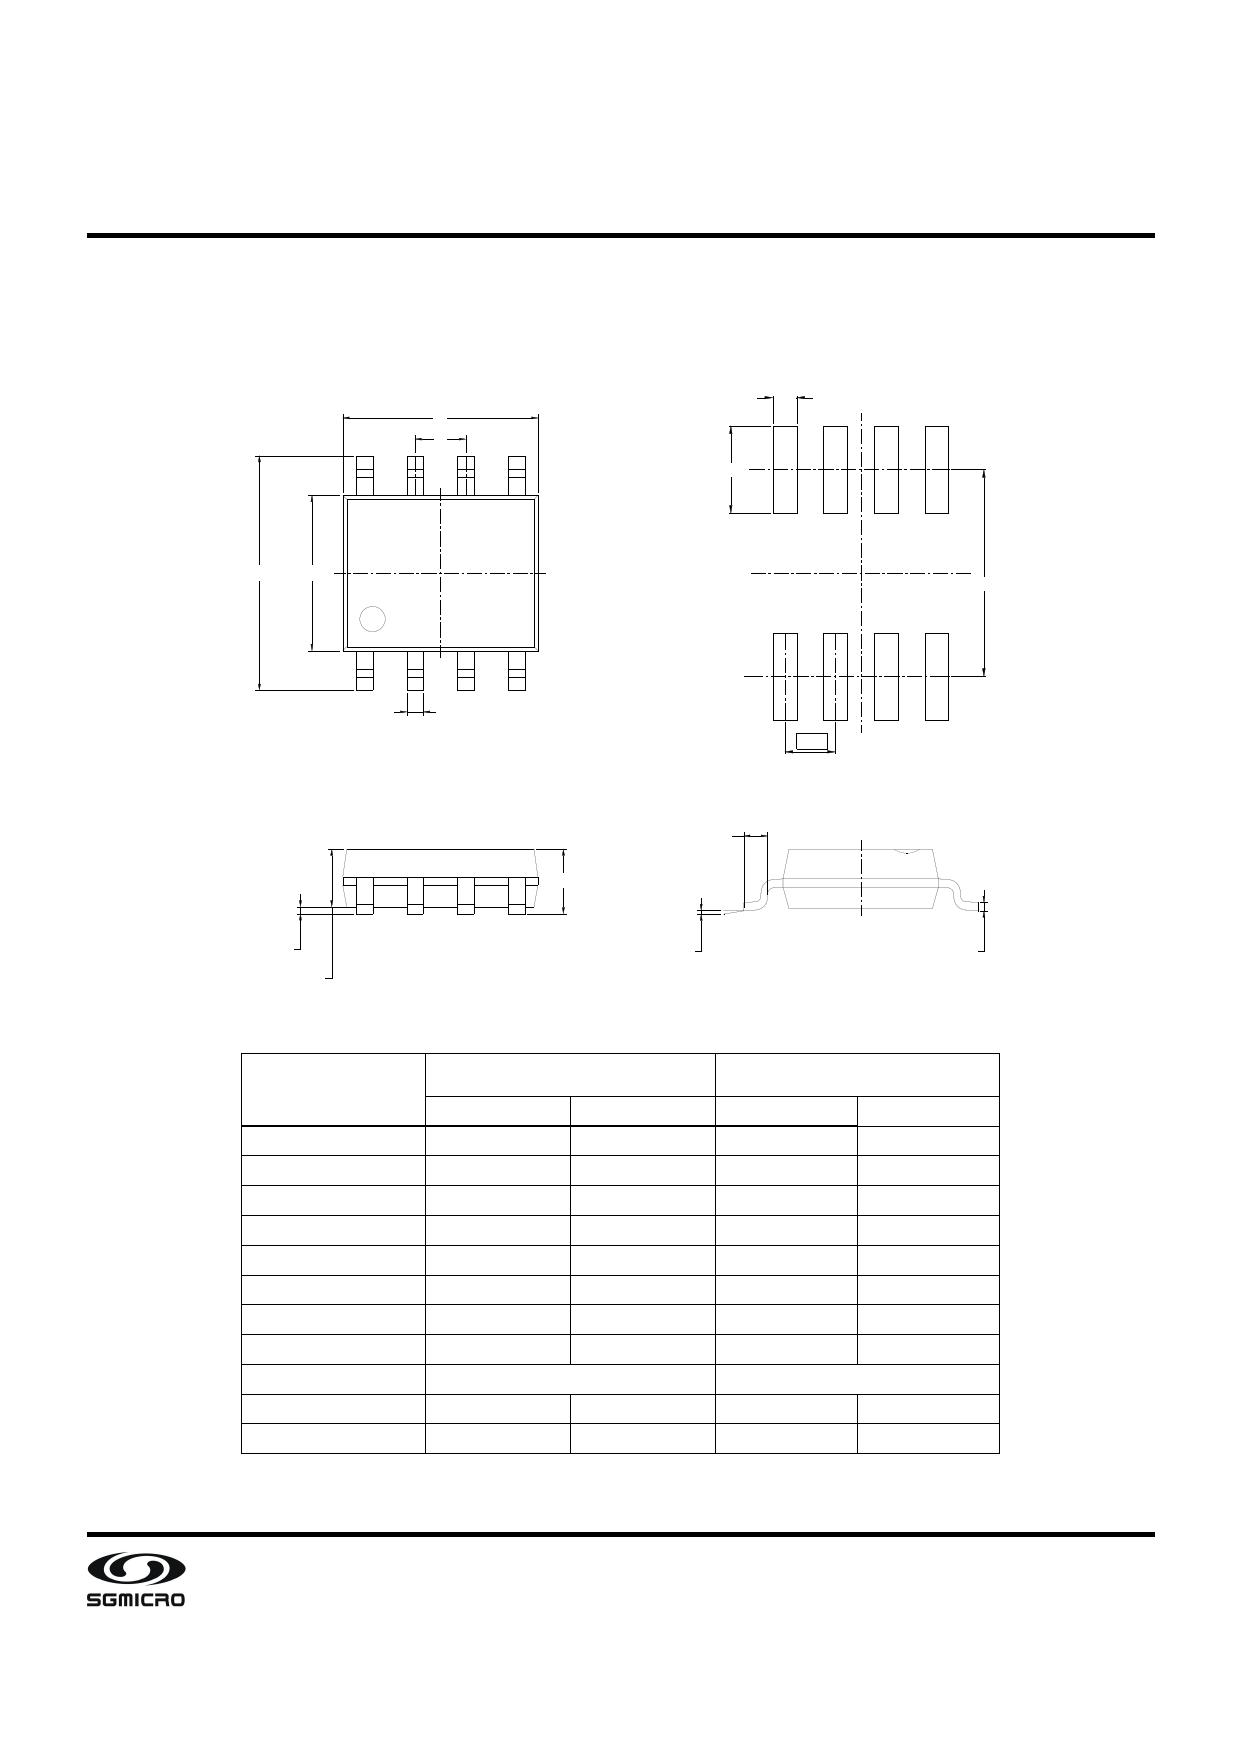 SGM8582 diode, scr